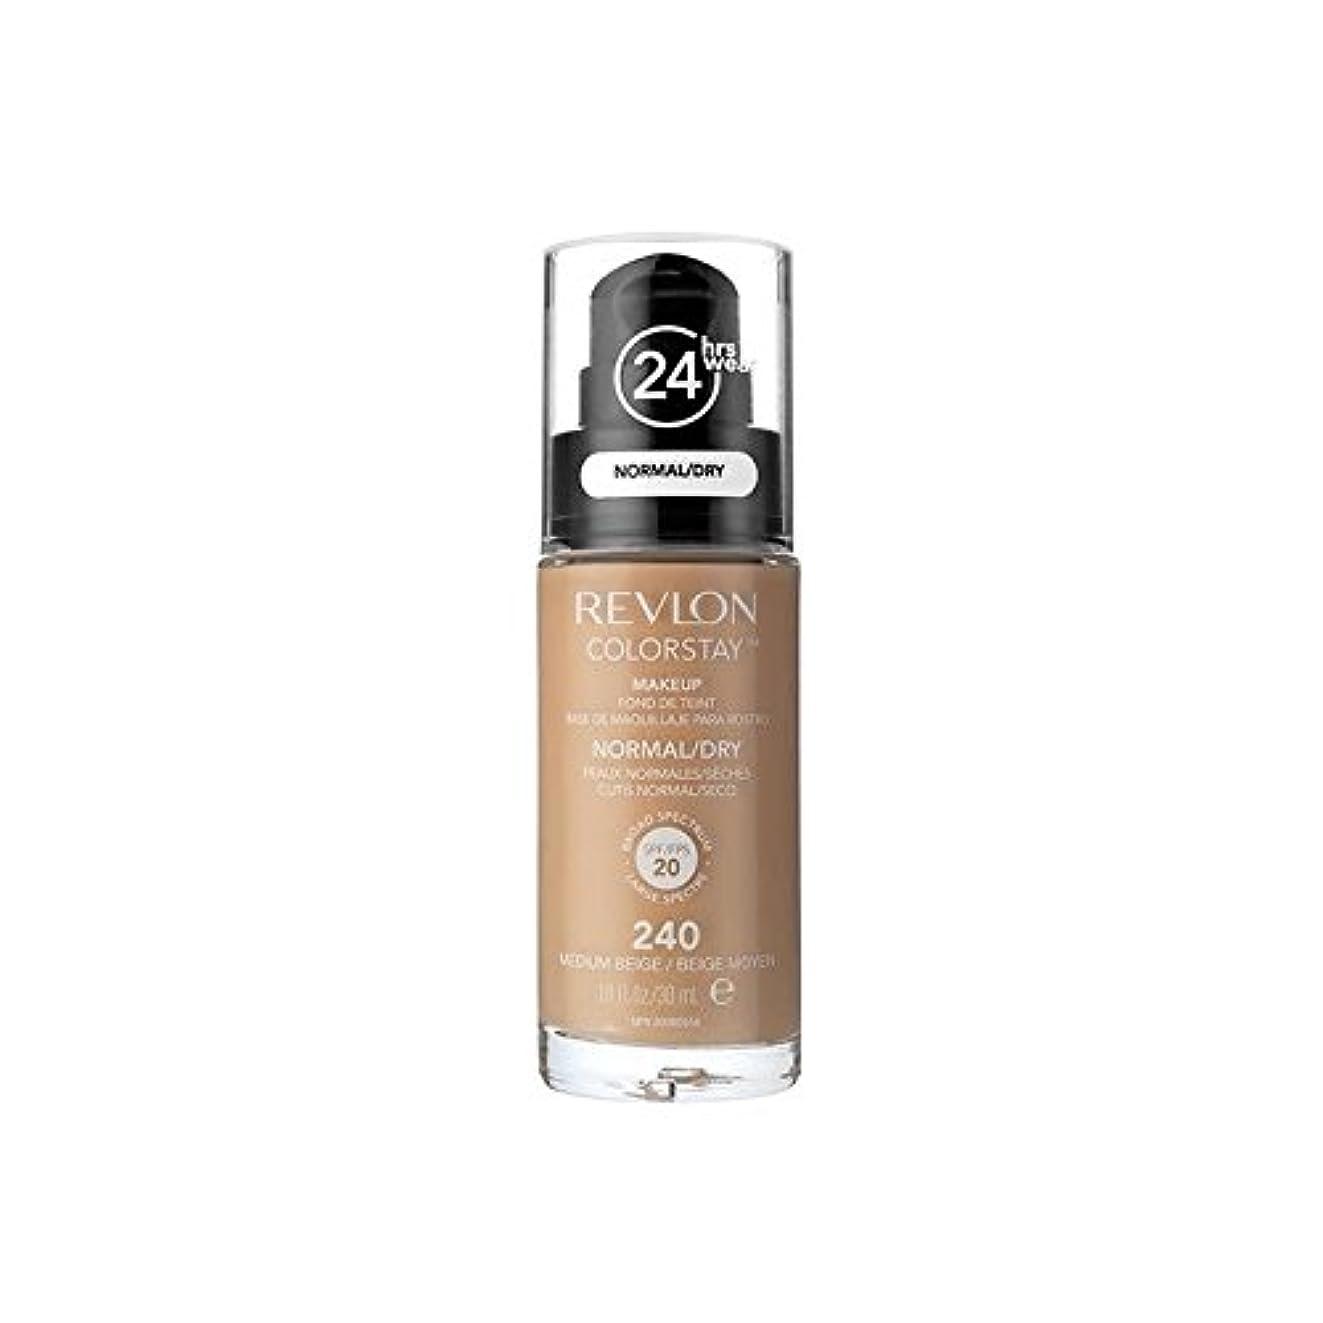 避難する和アレイレブロンの基礎通常の乾燥肌メディアベージュ x2 - Revlon Colorstay Foundation Normal Dry Skin Medium Beige (Pack of 2) [並行輸入品]